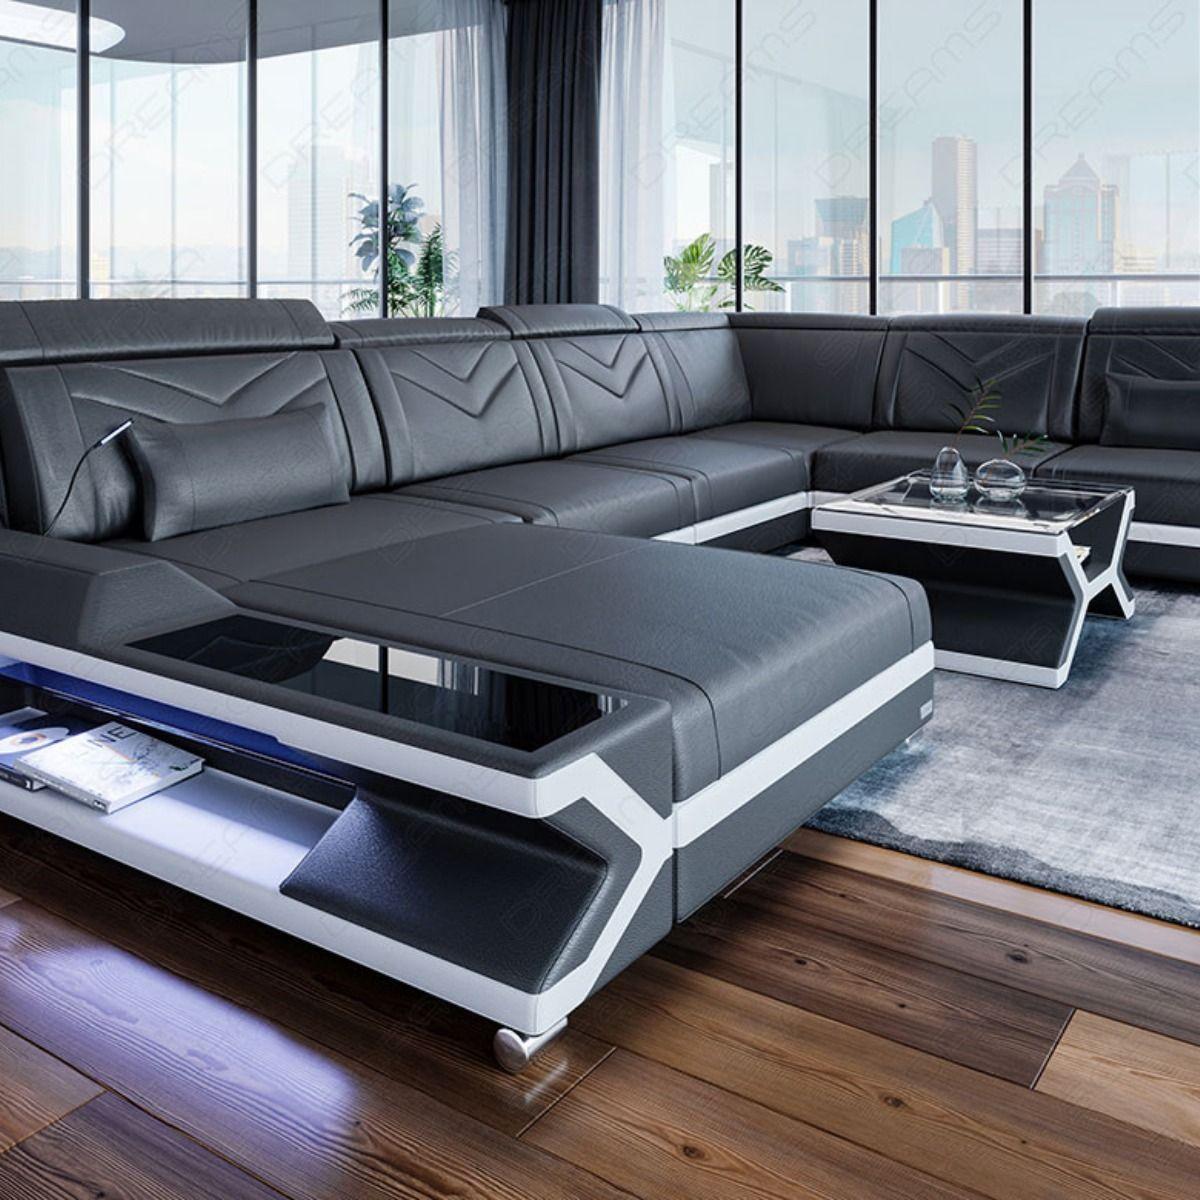 Xxl Wohnlandschaft Napoli Leder Luxury Couch Corner Sofa Design Sofa Design